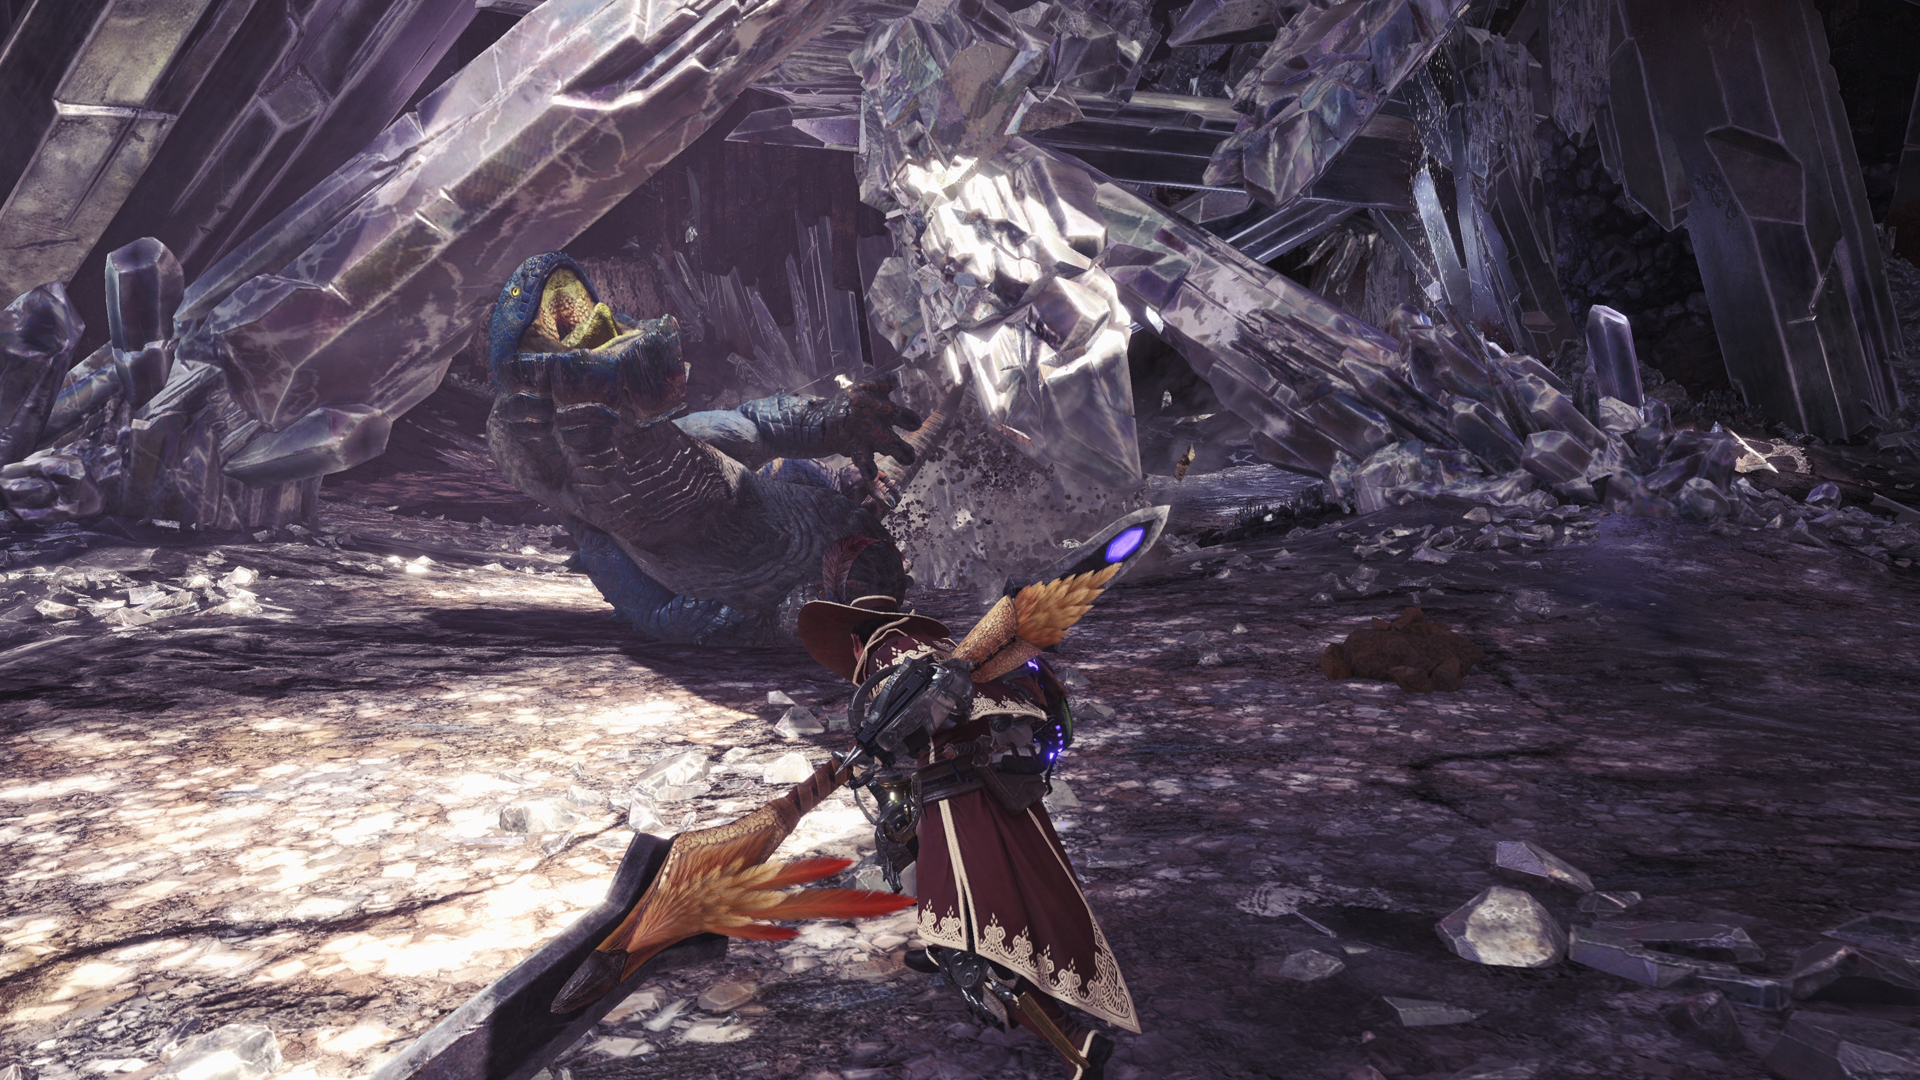 Monster hunter world pc graphics error